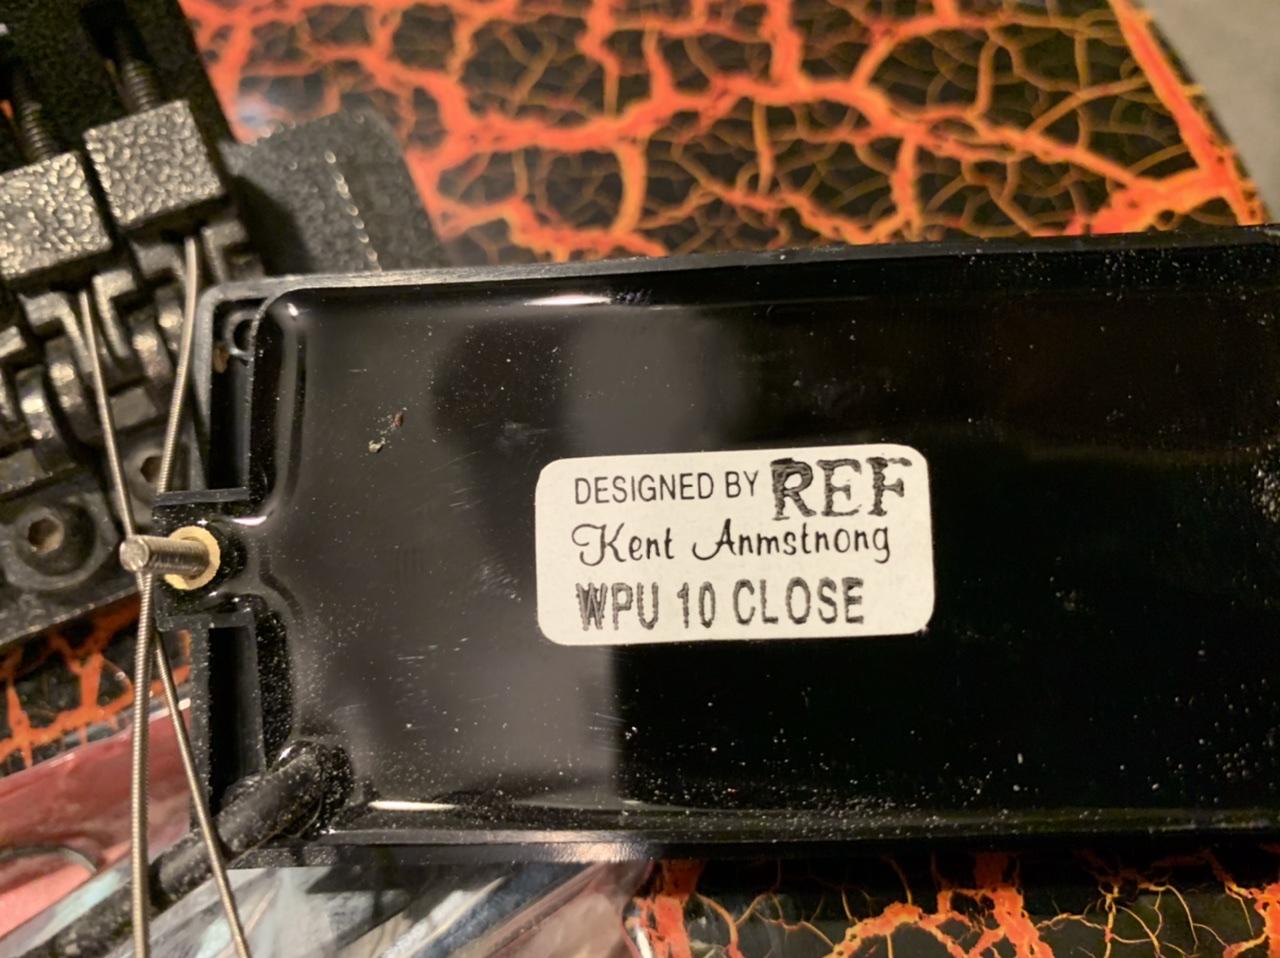 2F13EA6E-7A1F-4808-9368-6DEAC70E4E60.jpeg